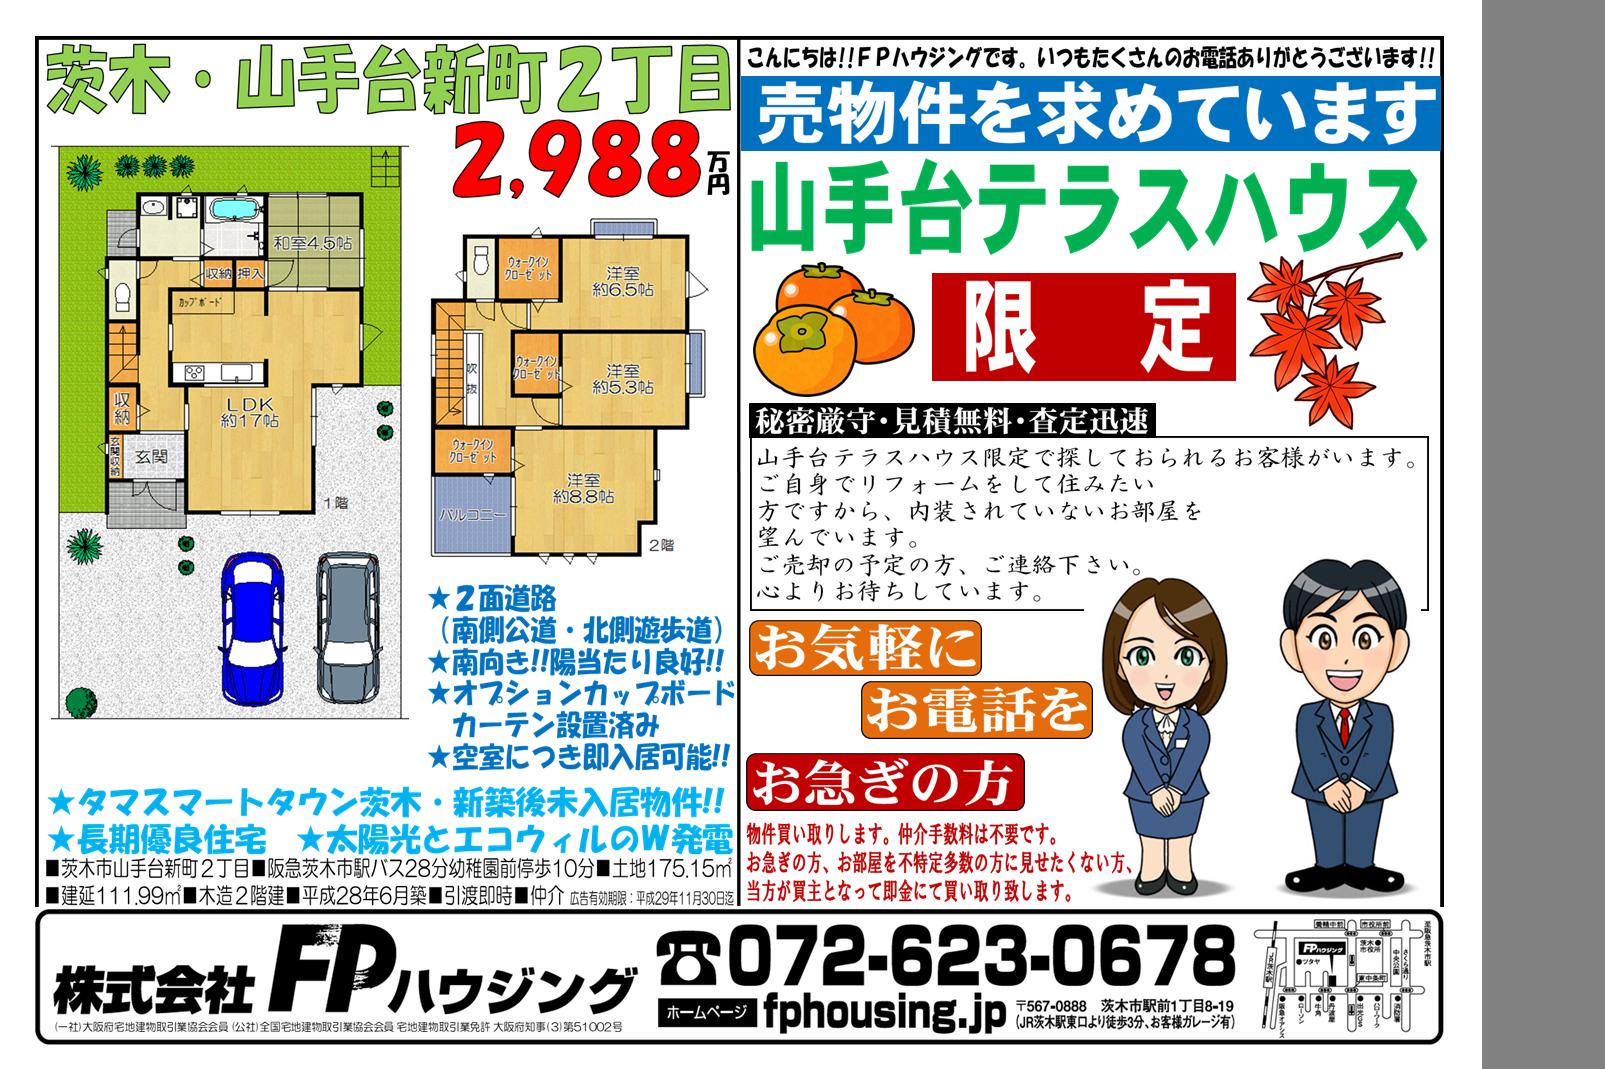 タマスマートタウン茨木 2,988万円 チラシ